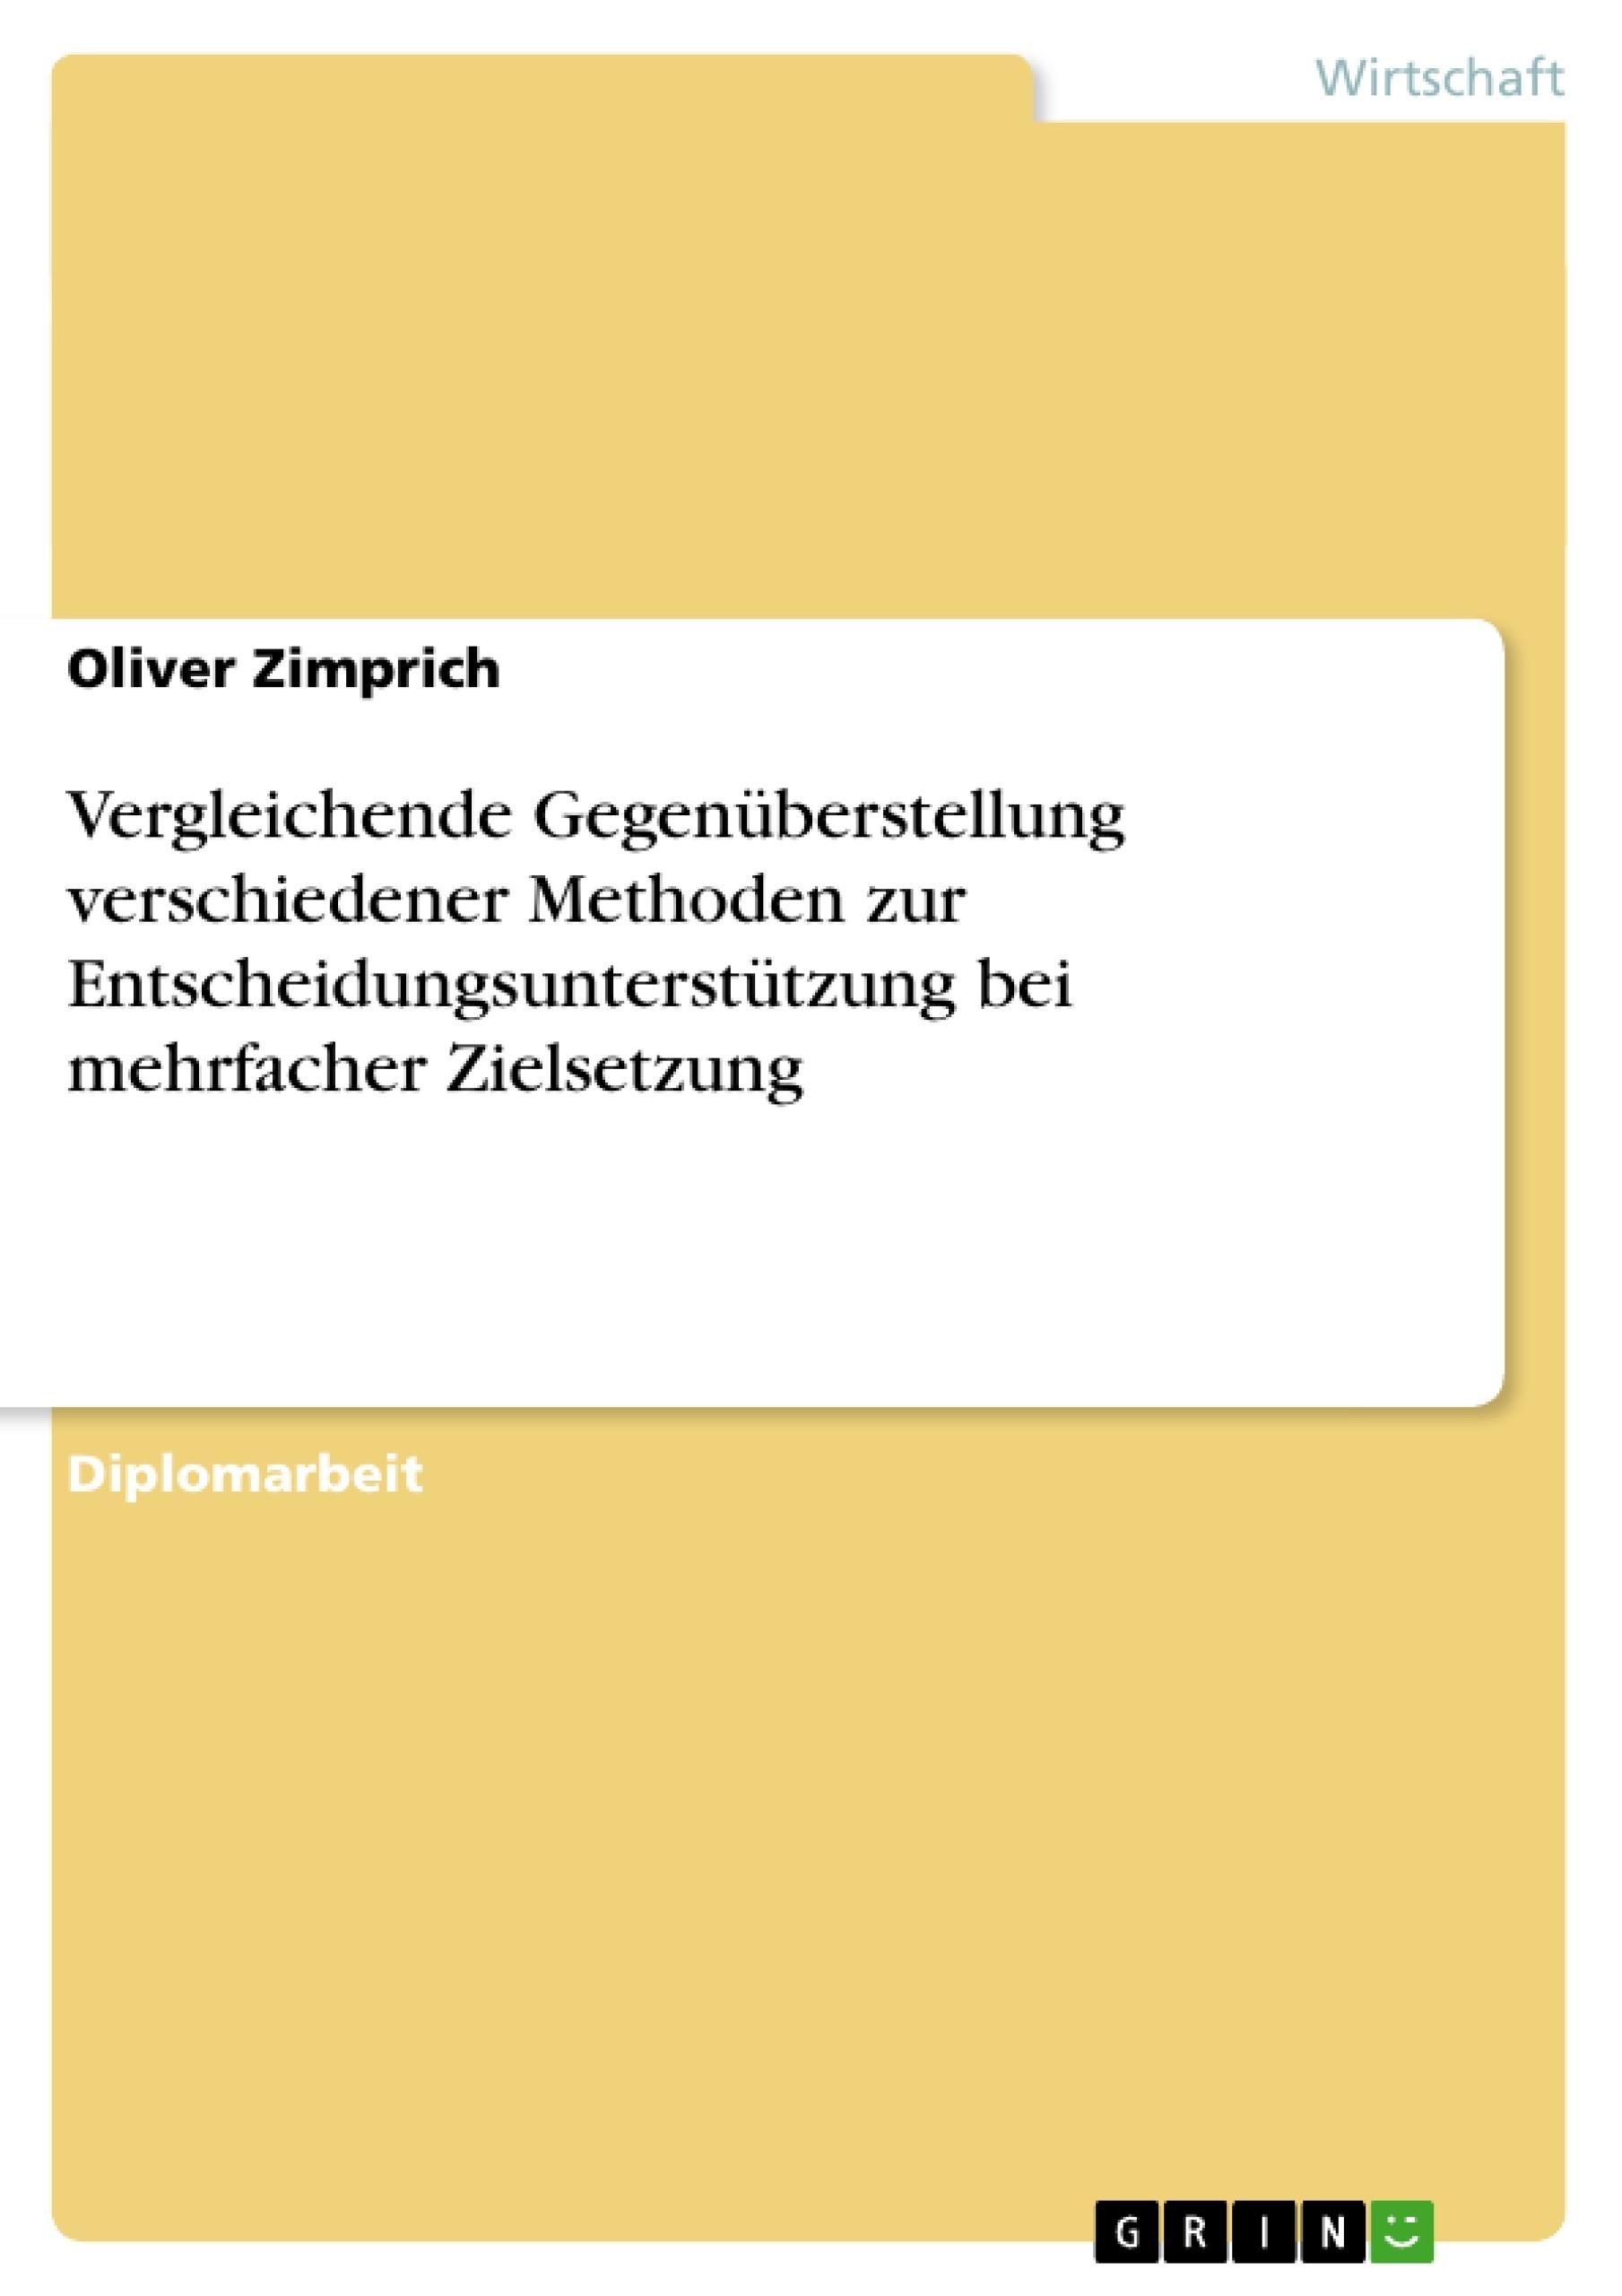 Titel: Vergleichende Gegenüberstellung verschiedener Methoden zur Entscheidungsunterstützung bei mehrfacher Zielsetzung